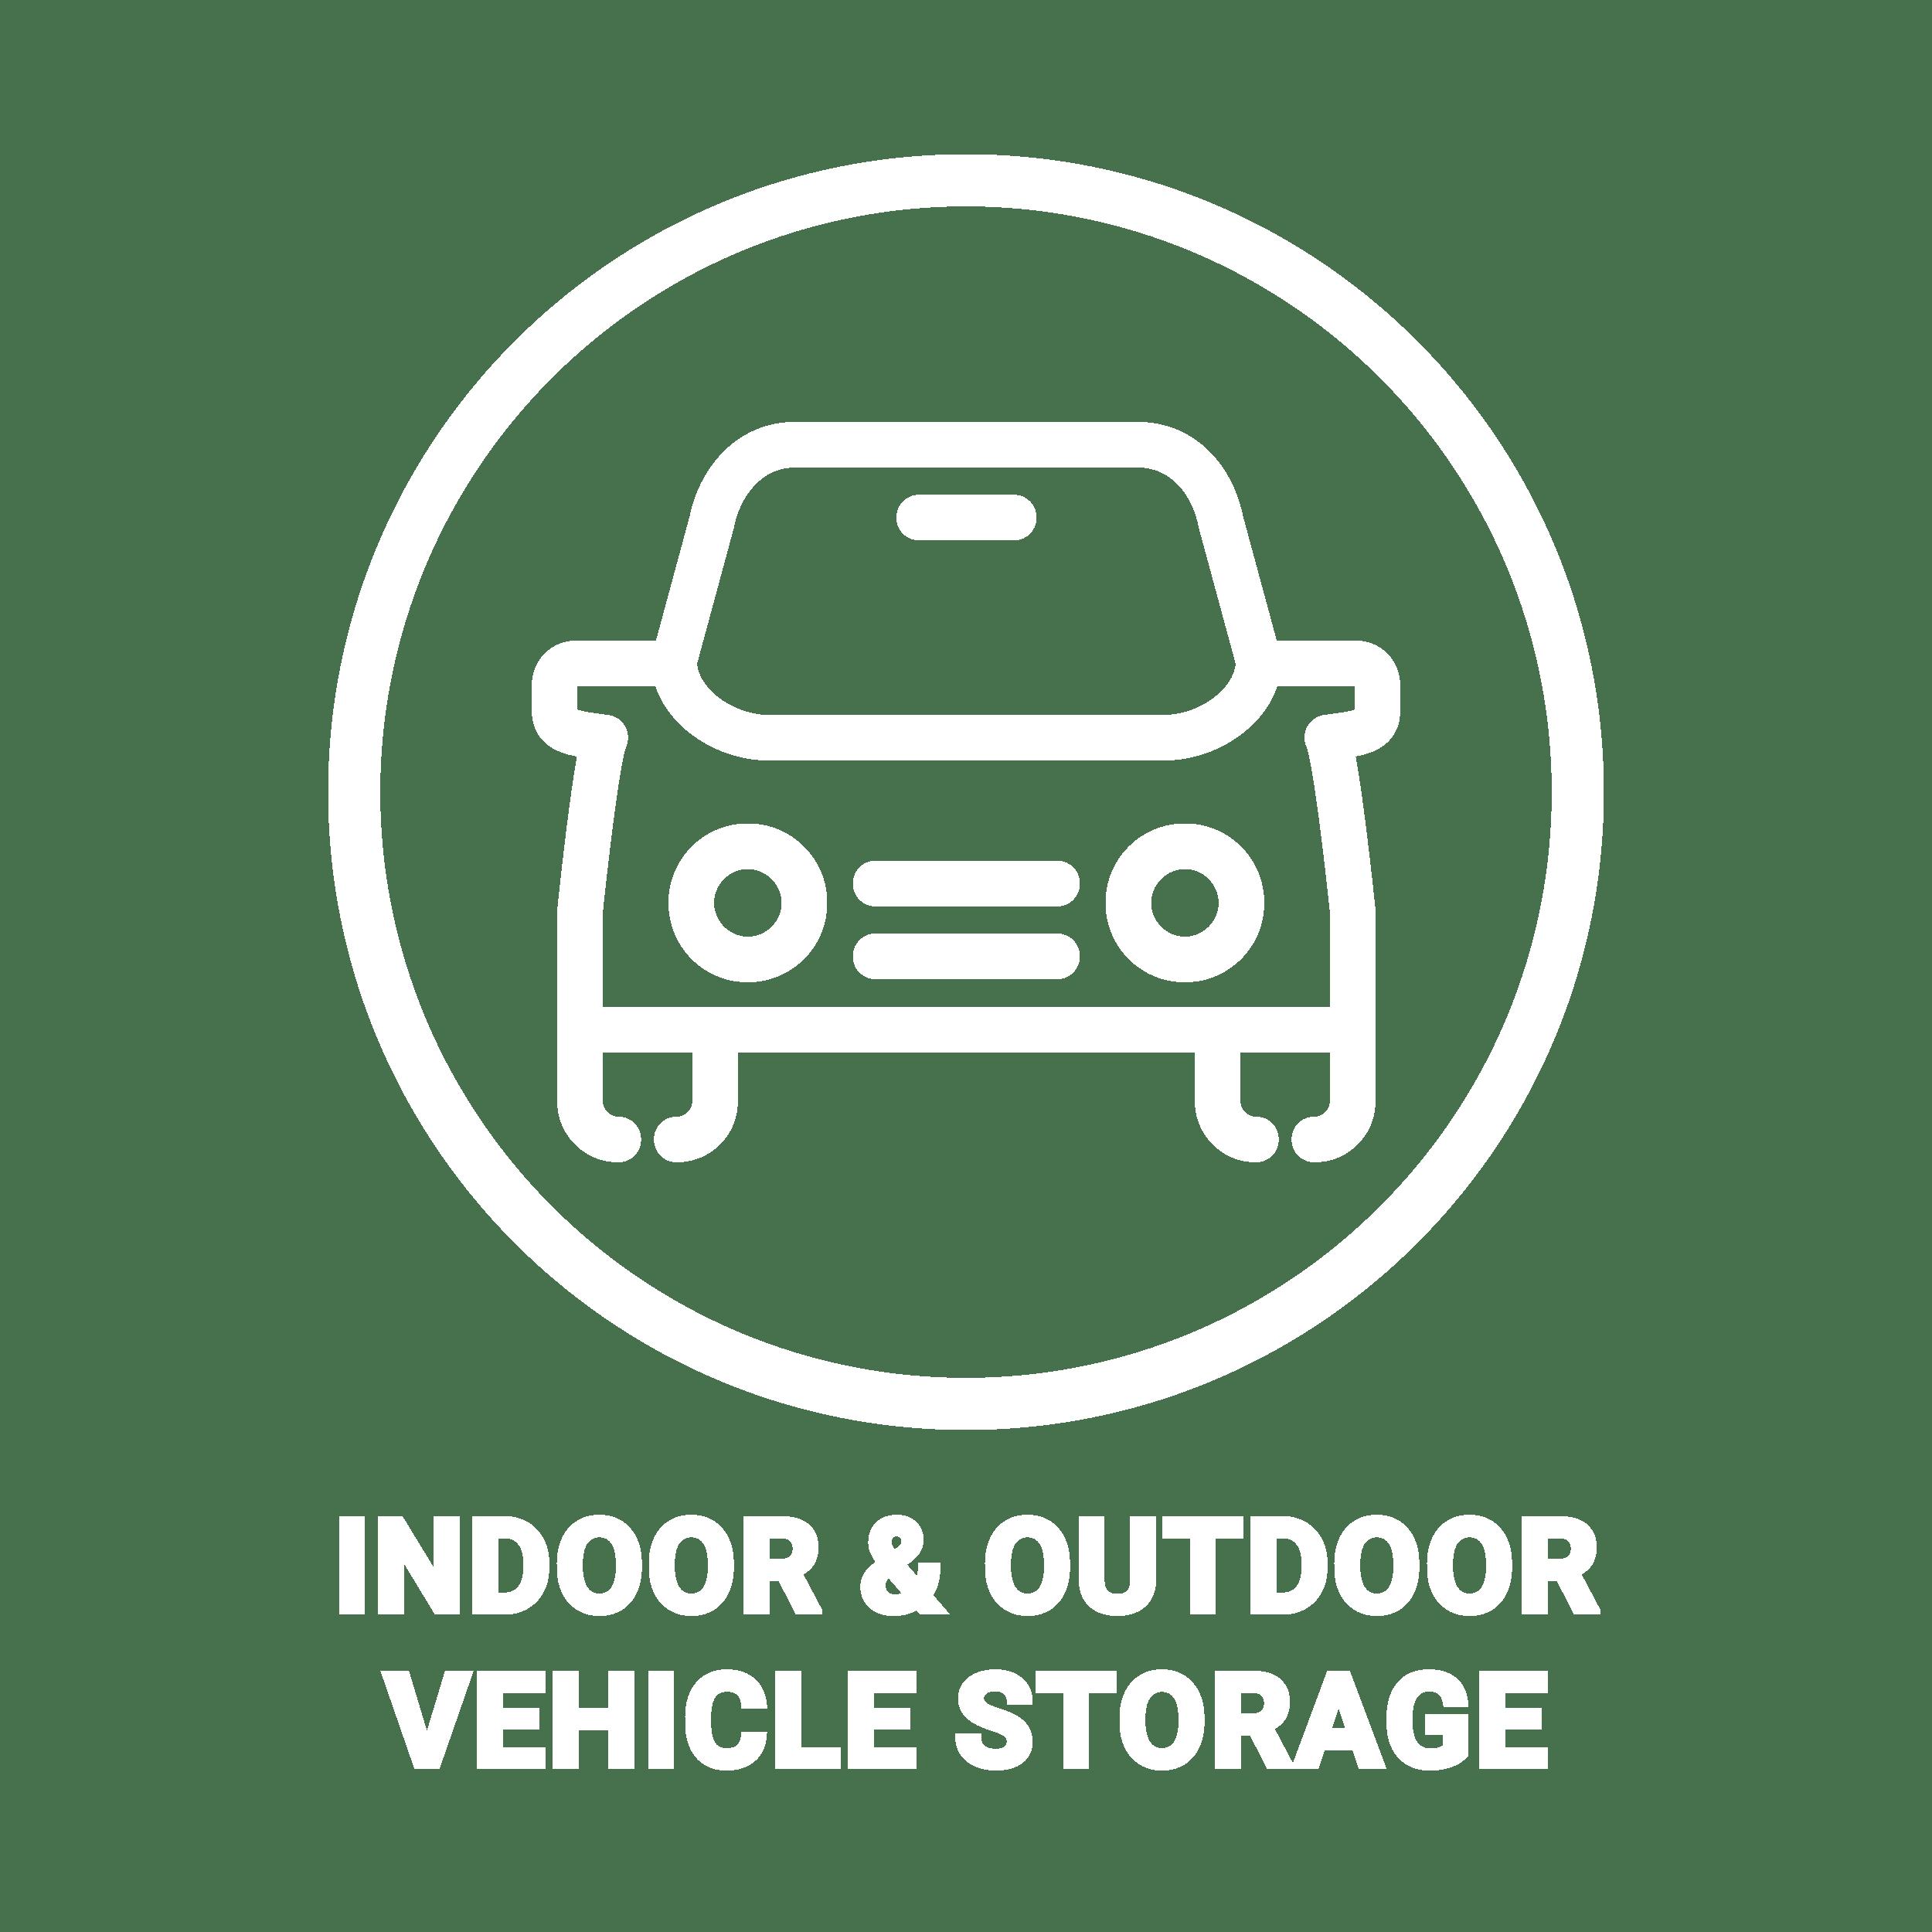 Vehicle storage at Doane Road Storage in Queensville, Ontario